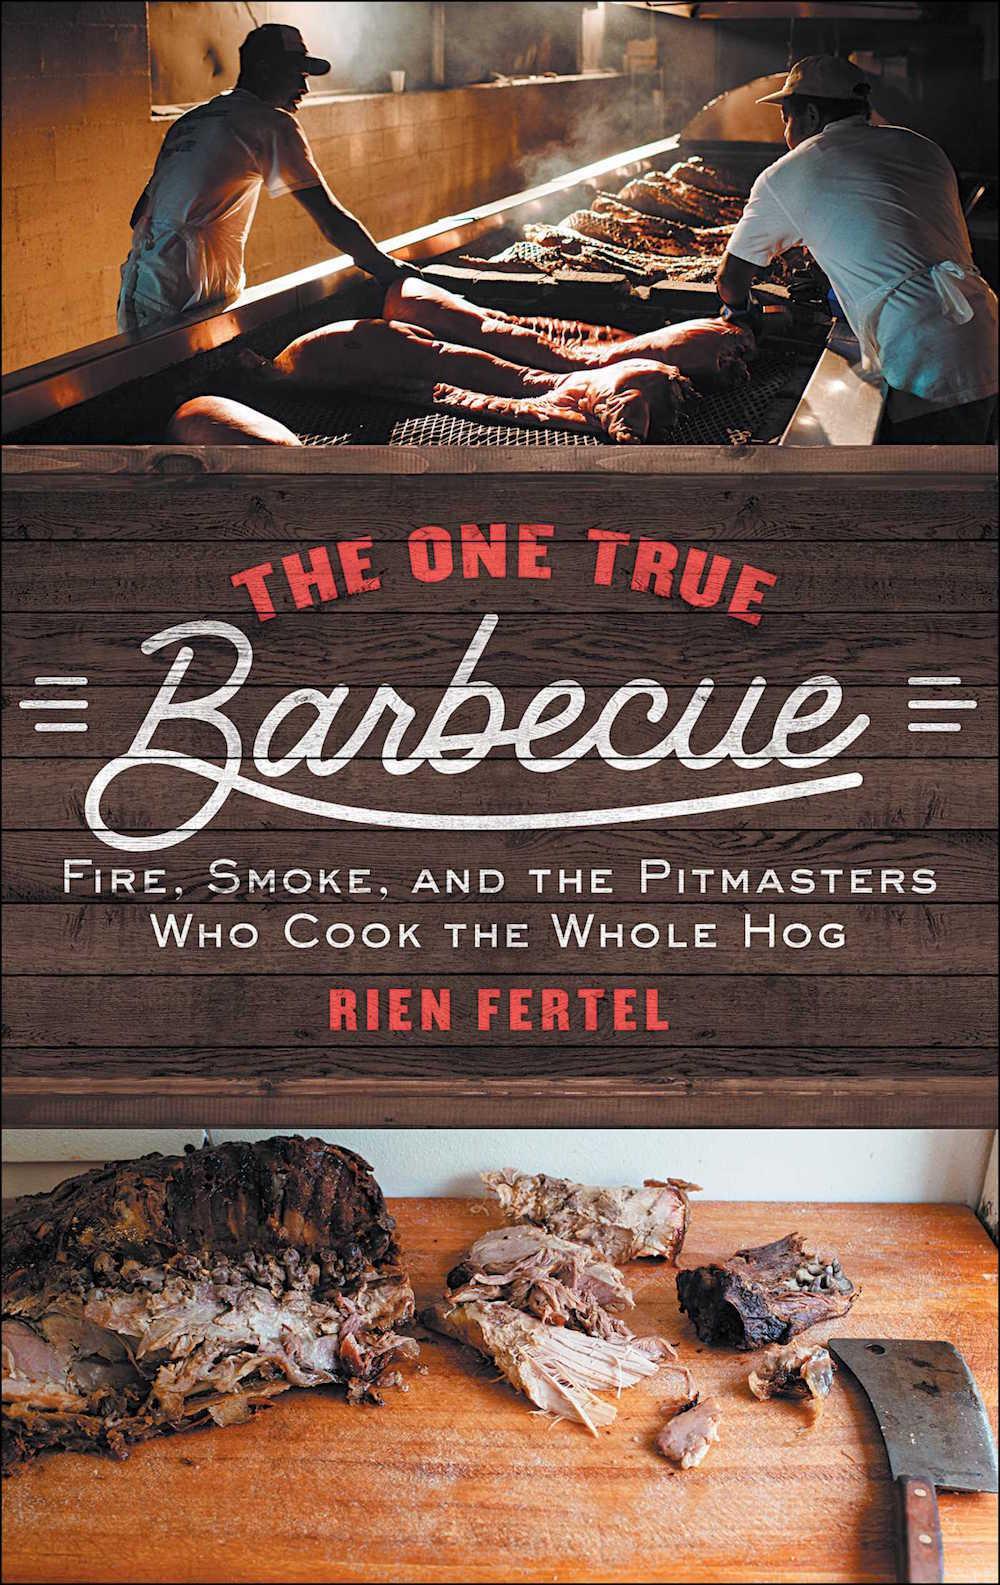 Rien Fertel's The One True Barbecue